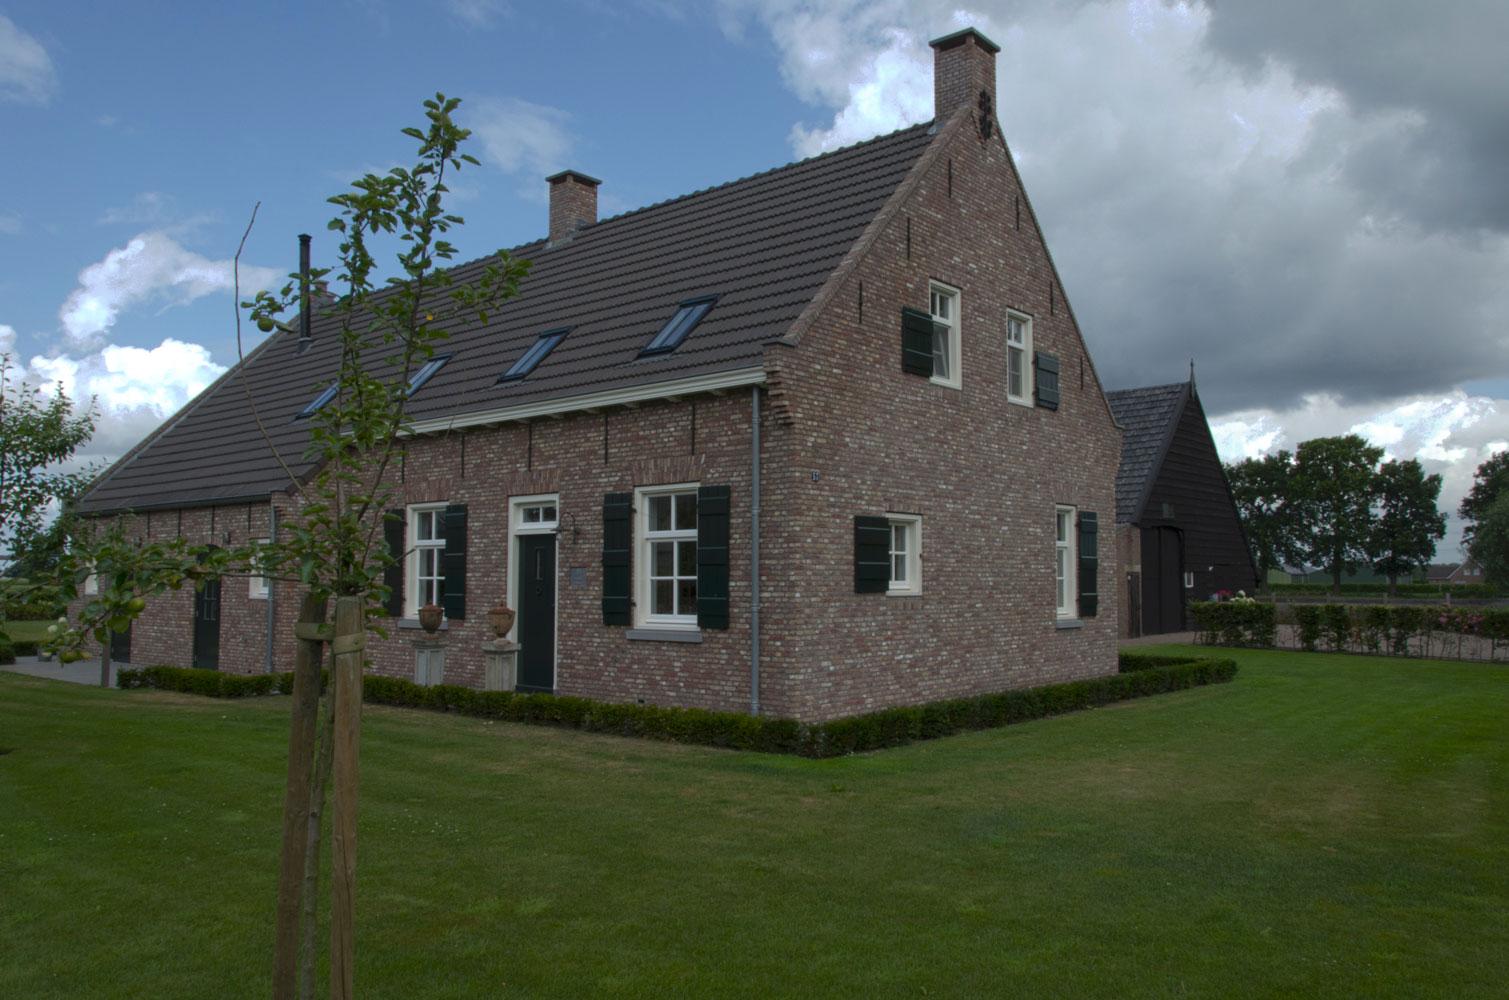 04609ext6 Landelijke woning Etten-Leur